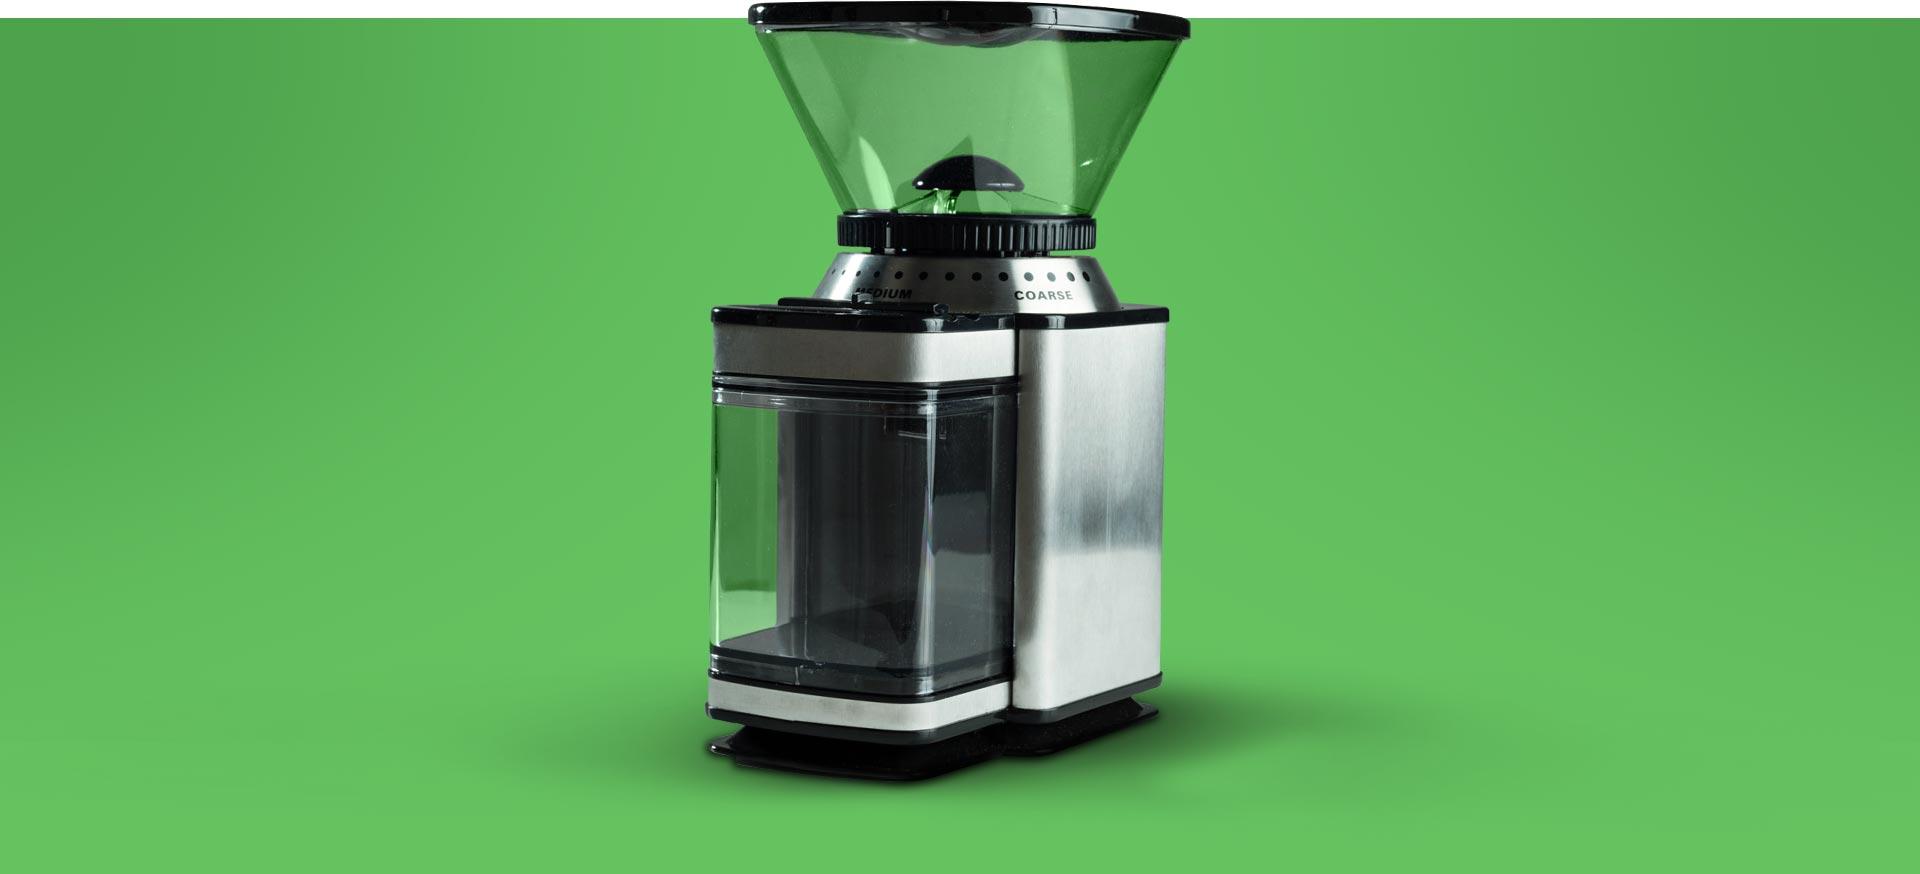 coffee3-details-headerbg